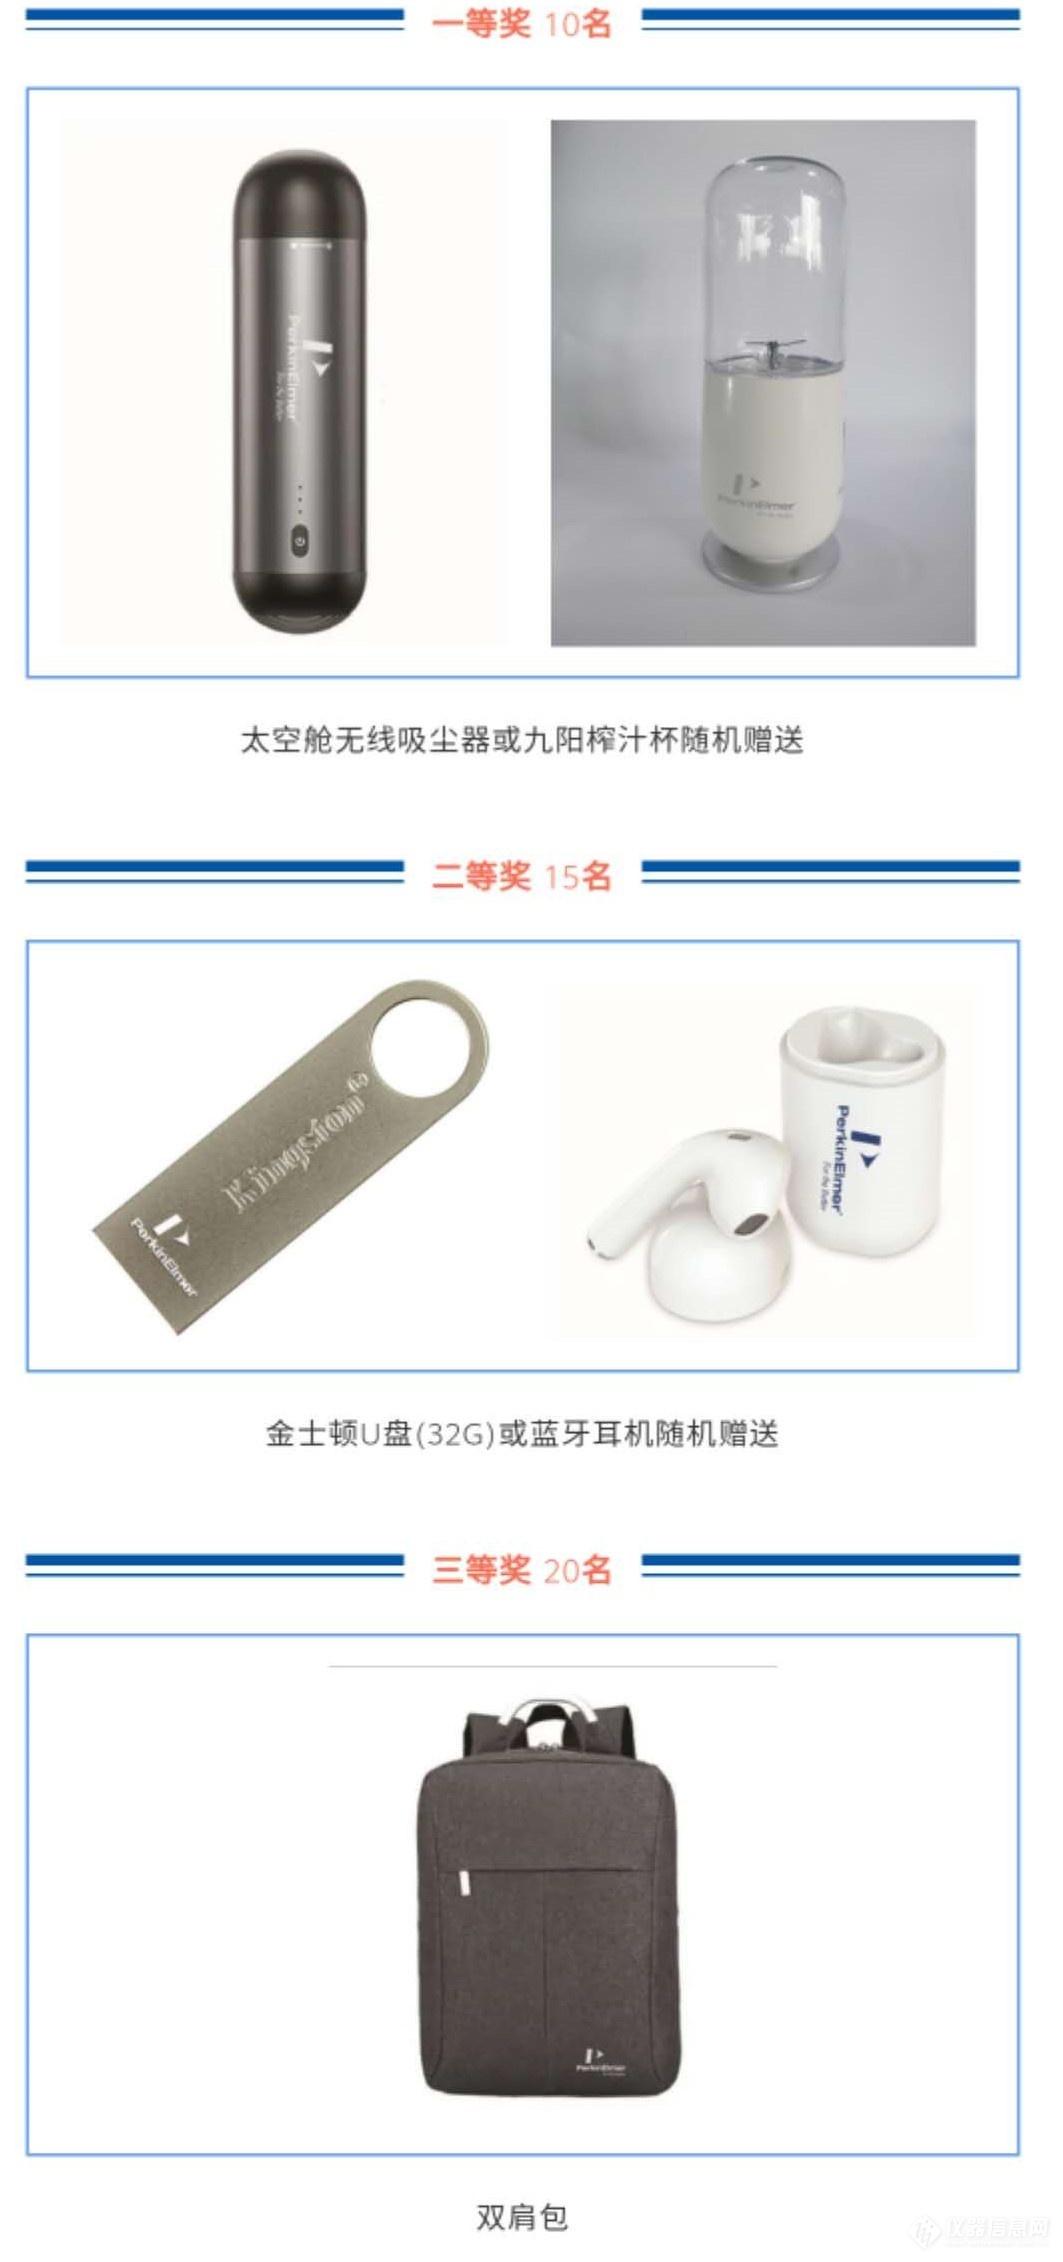 WeChat Image_20200918130841 (2).jpg